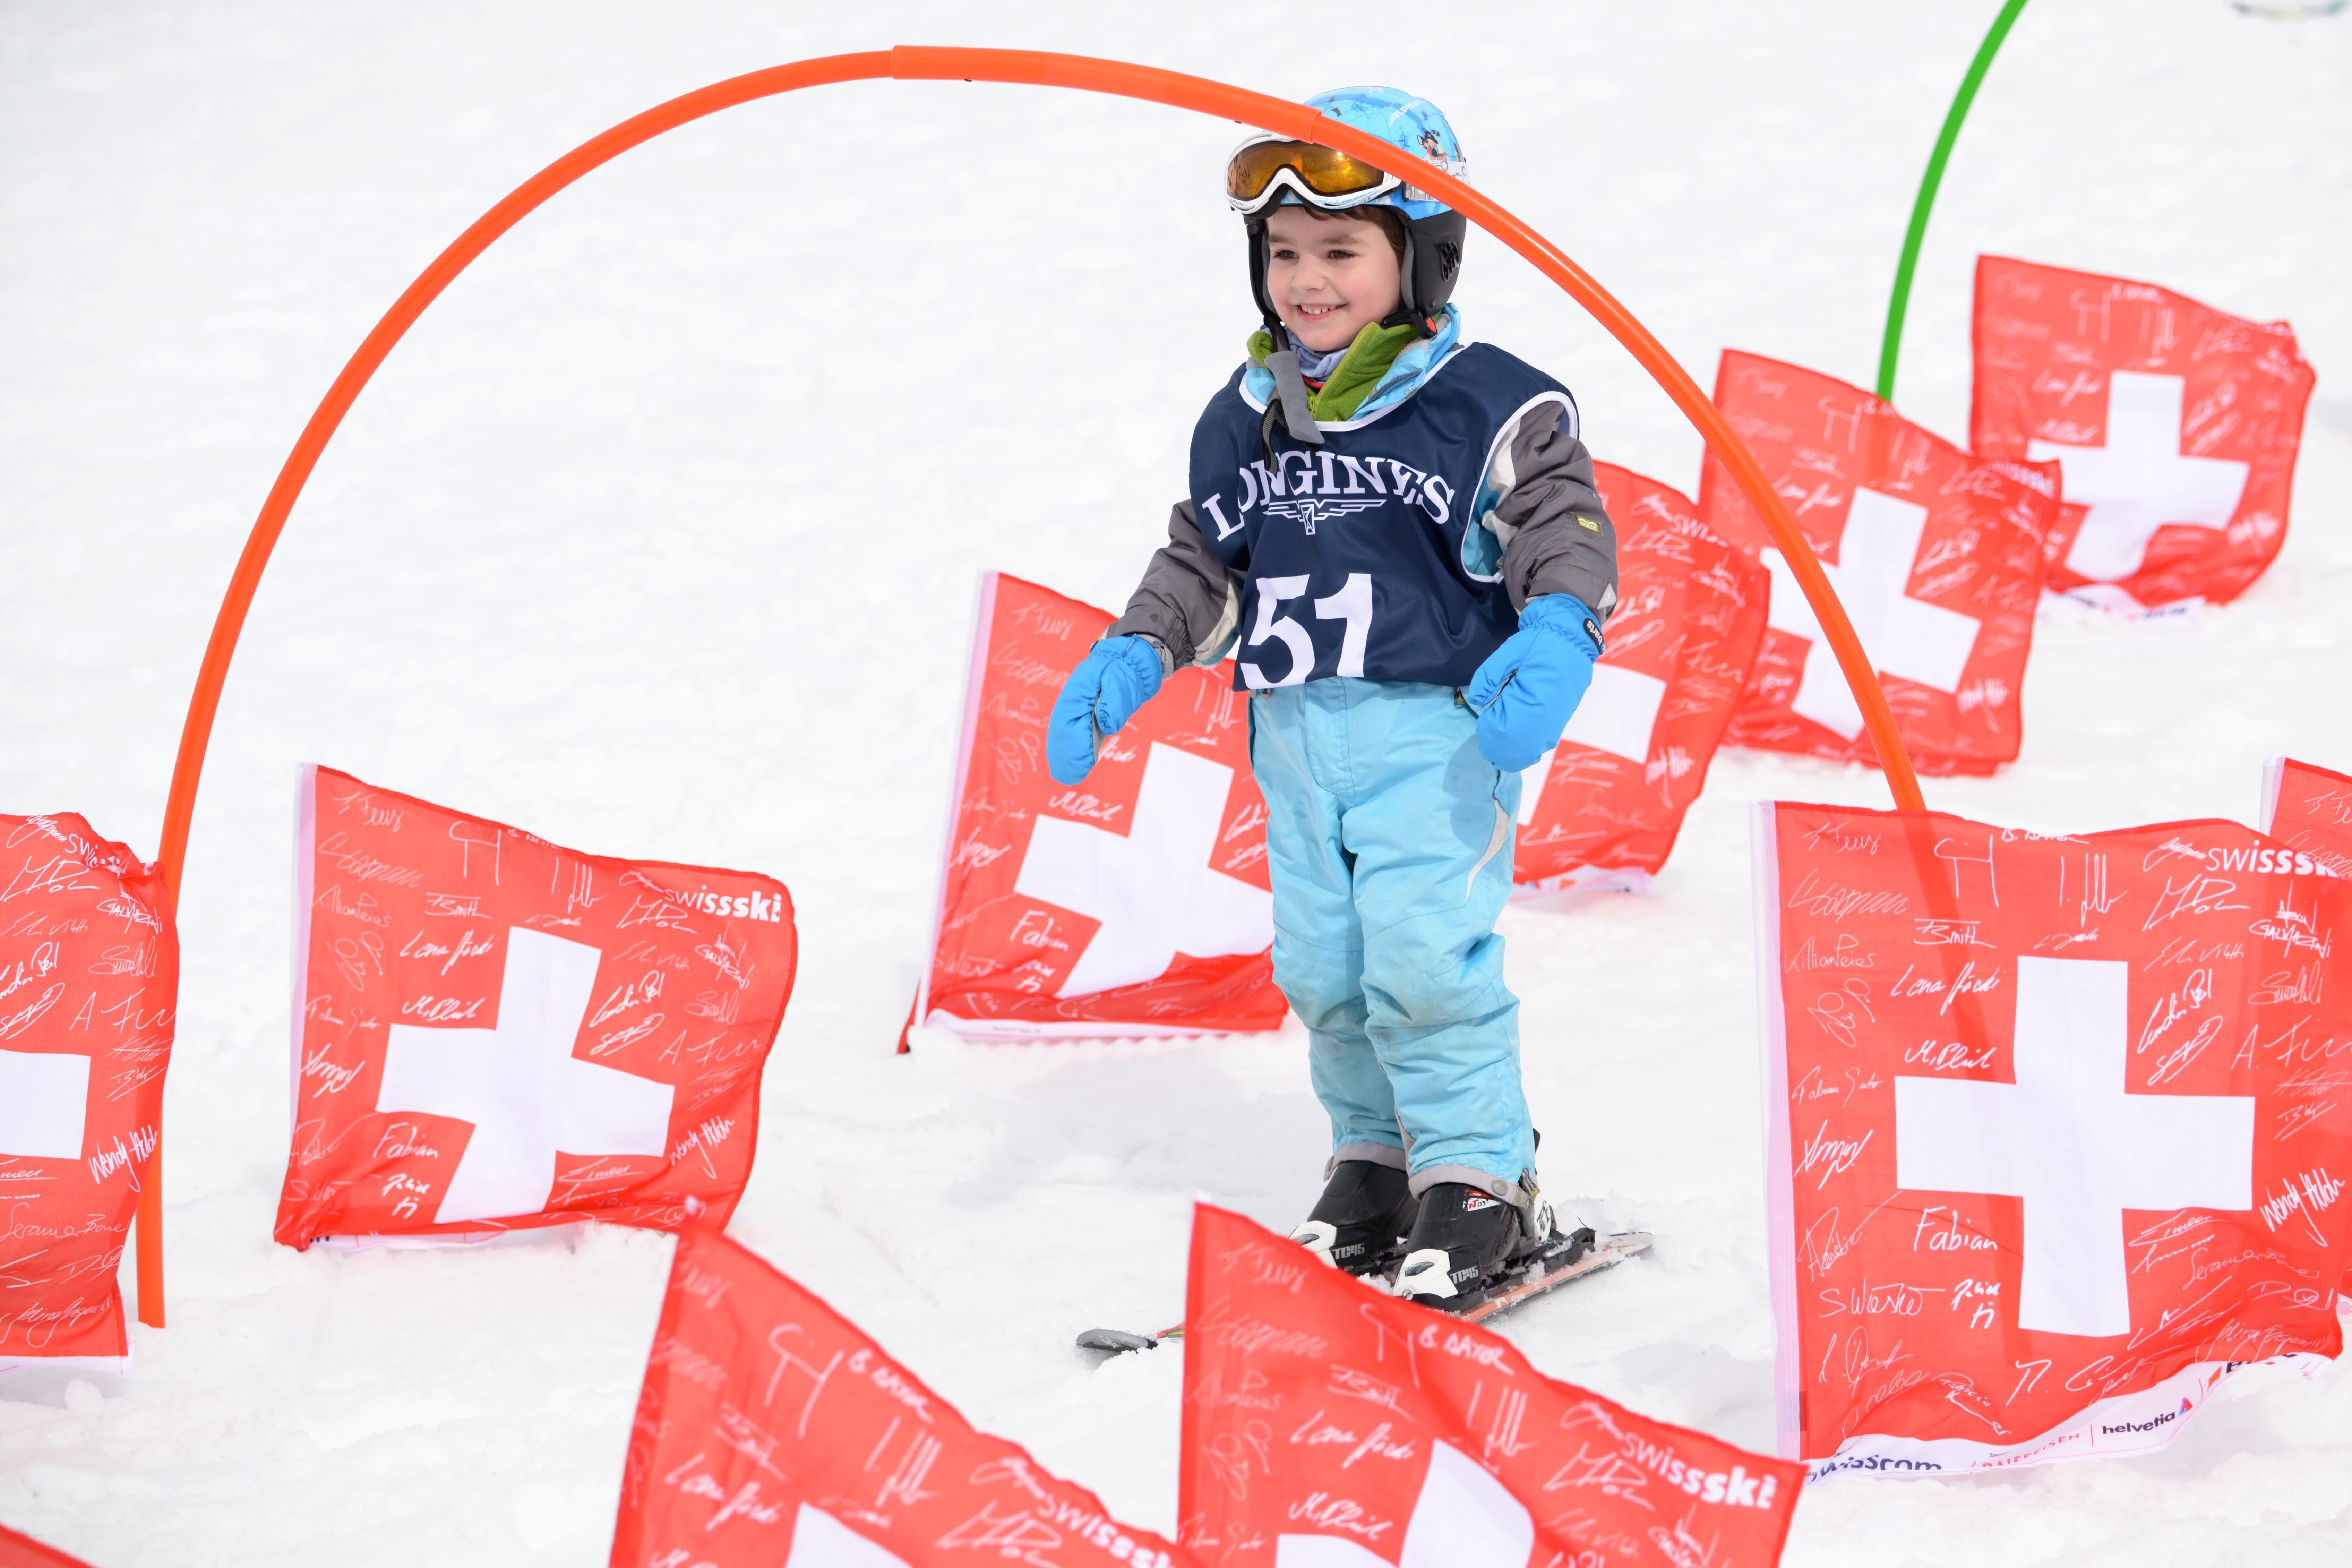 Schweizer Skischule St.Moritz / Samedan Slide 10